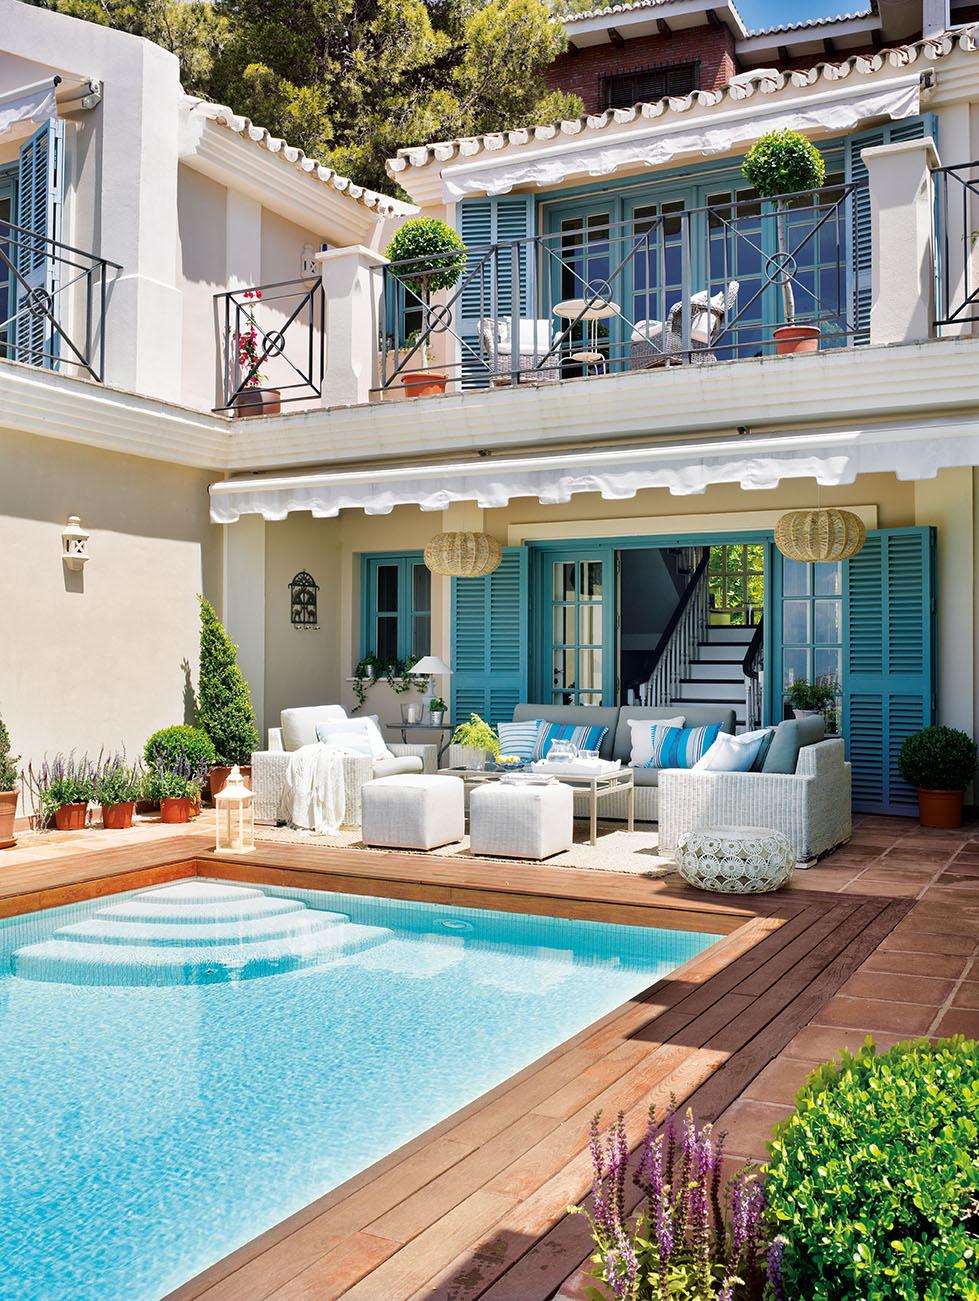 00320809. Entrada de la casa con piscina y balcón decorada en azul y blanco_00320809